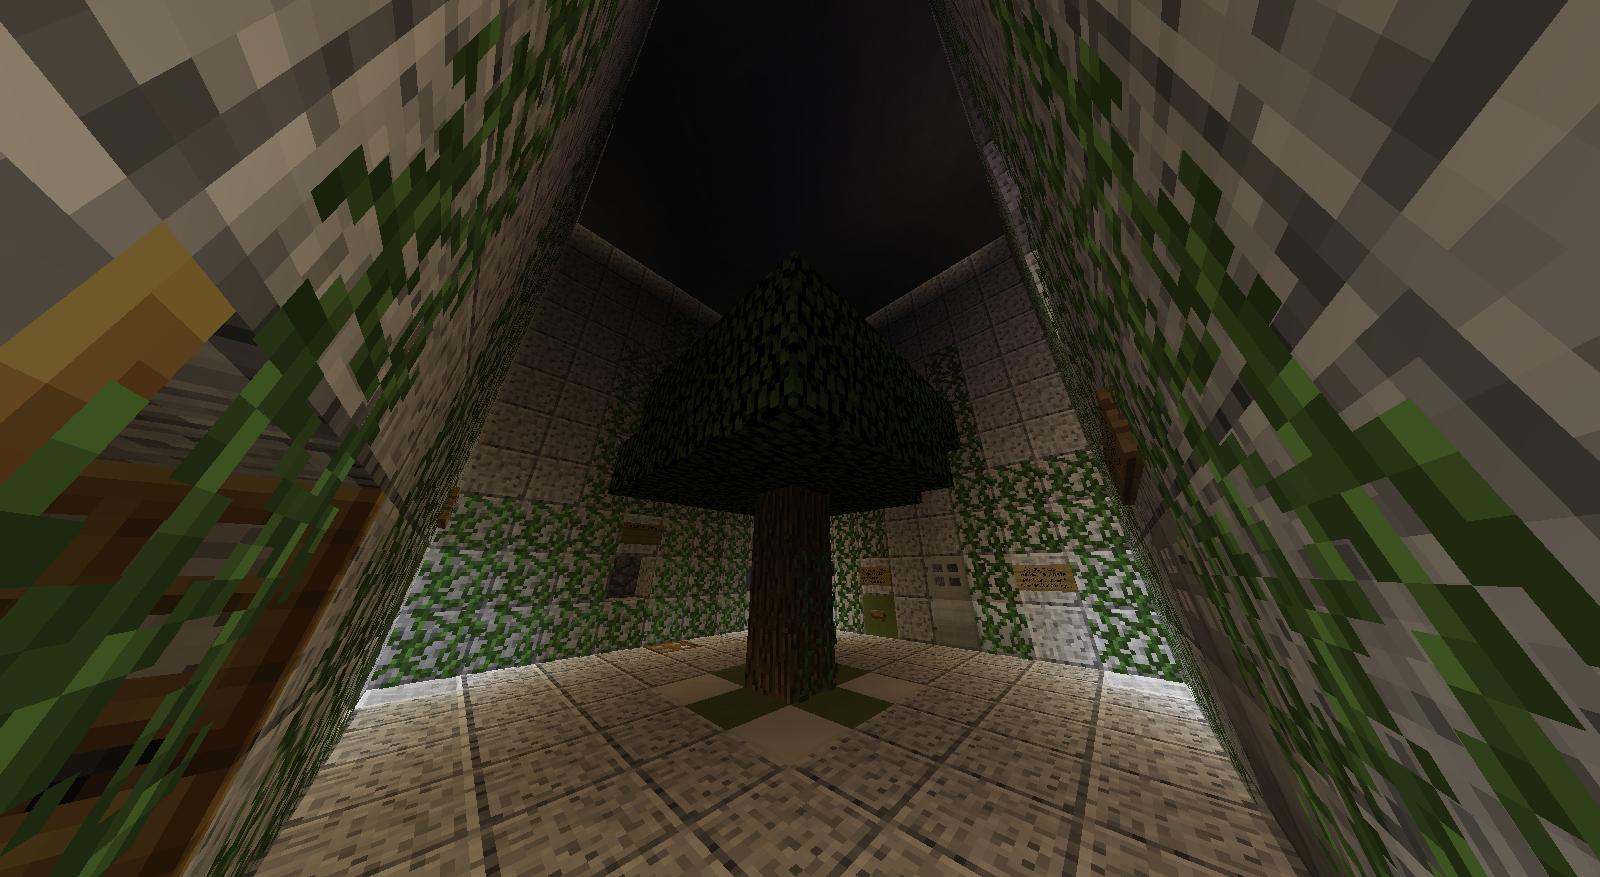 10-comment-un-arbre-a-put-il-pousser-la